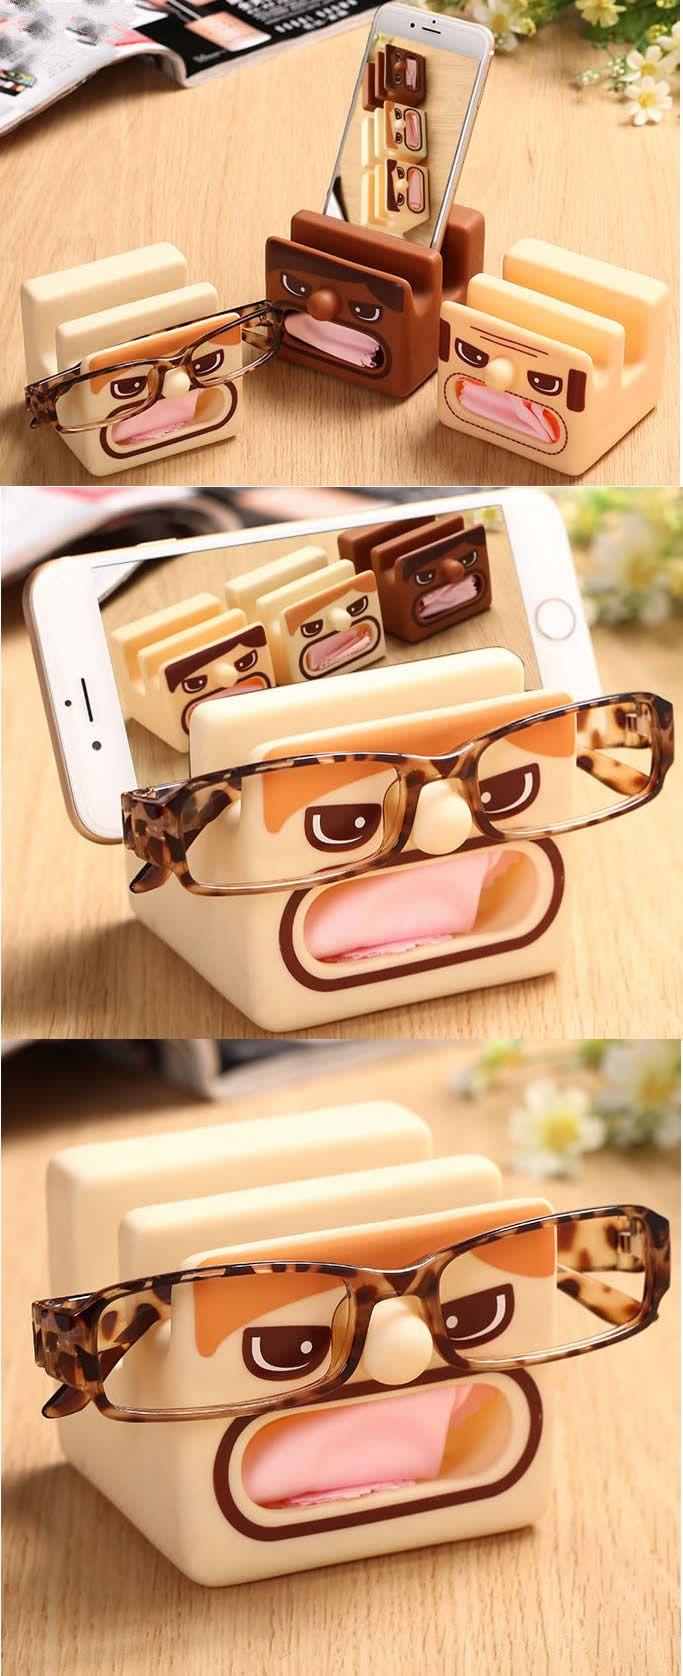 Eyeglasses display - Cartoon Eyeglasses Holder Mobile Display Stand